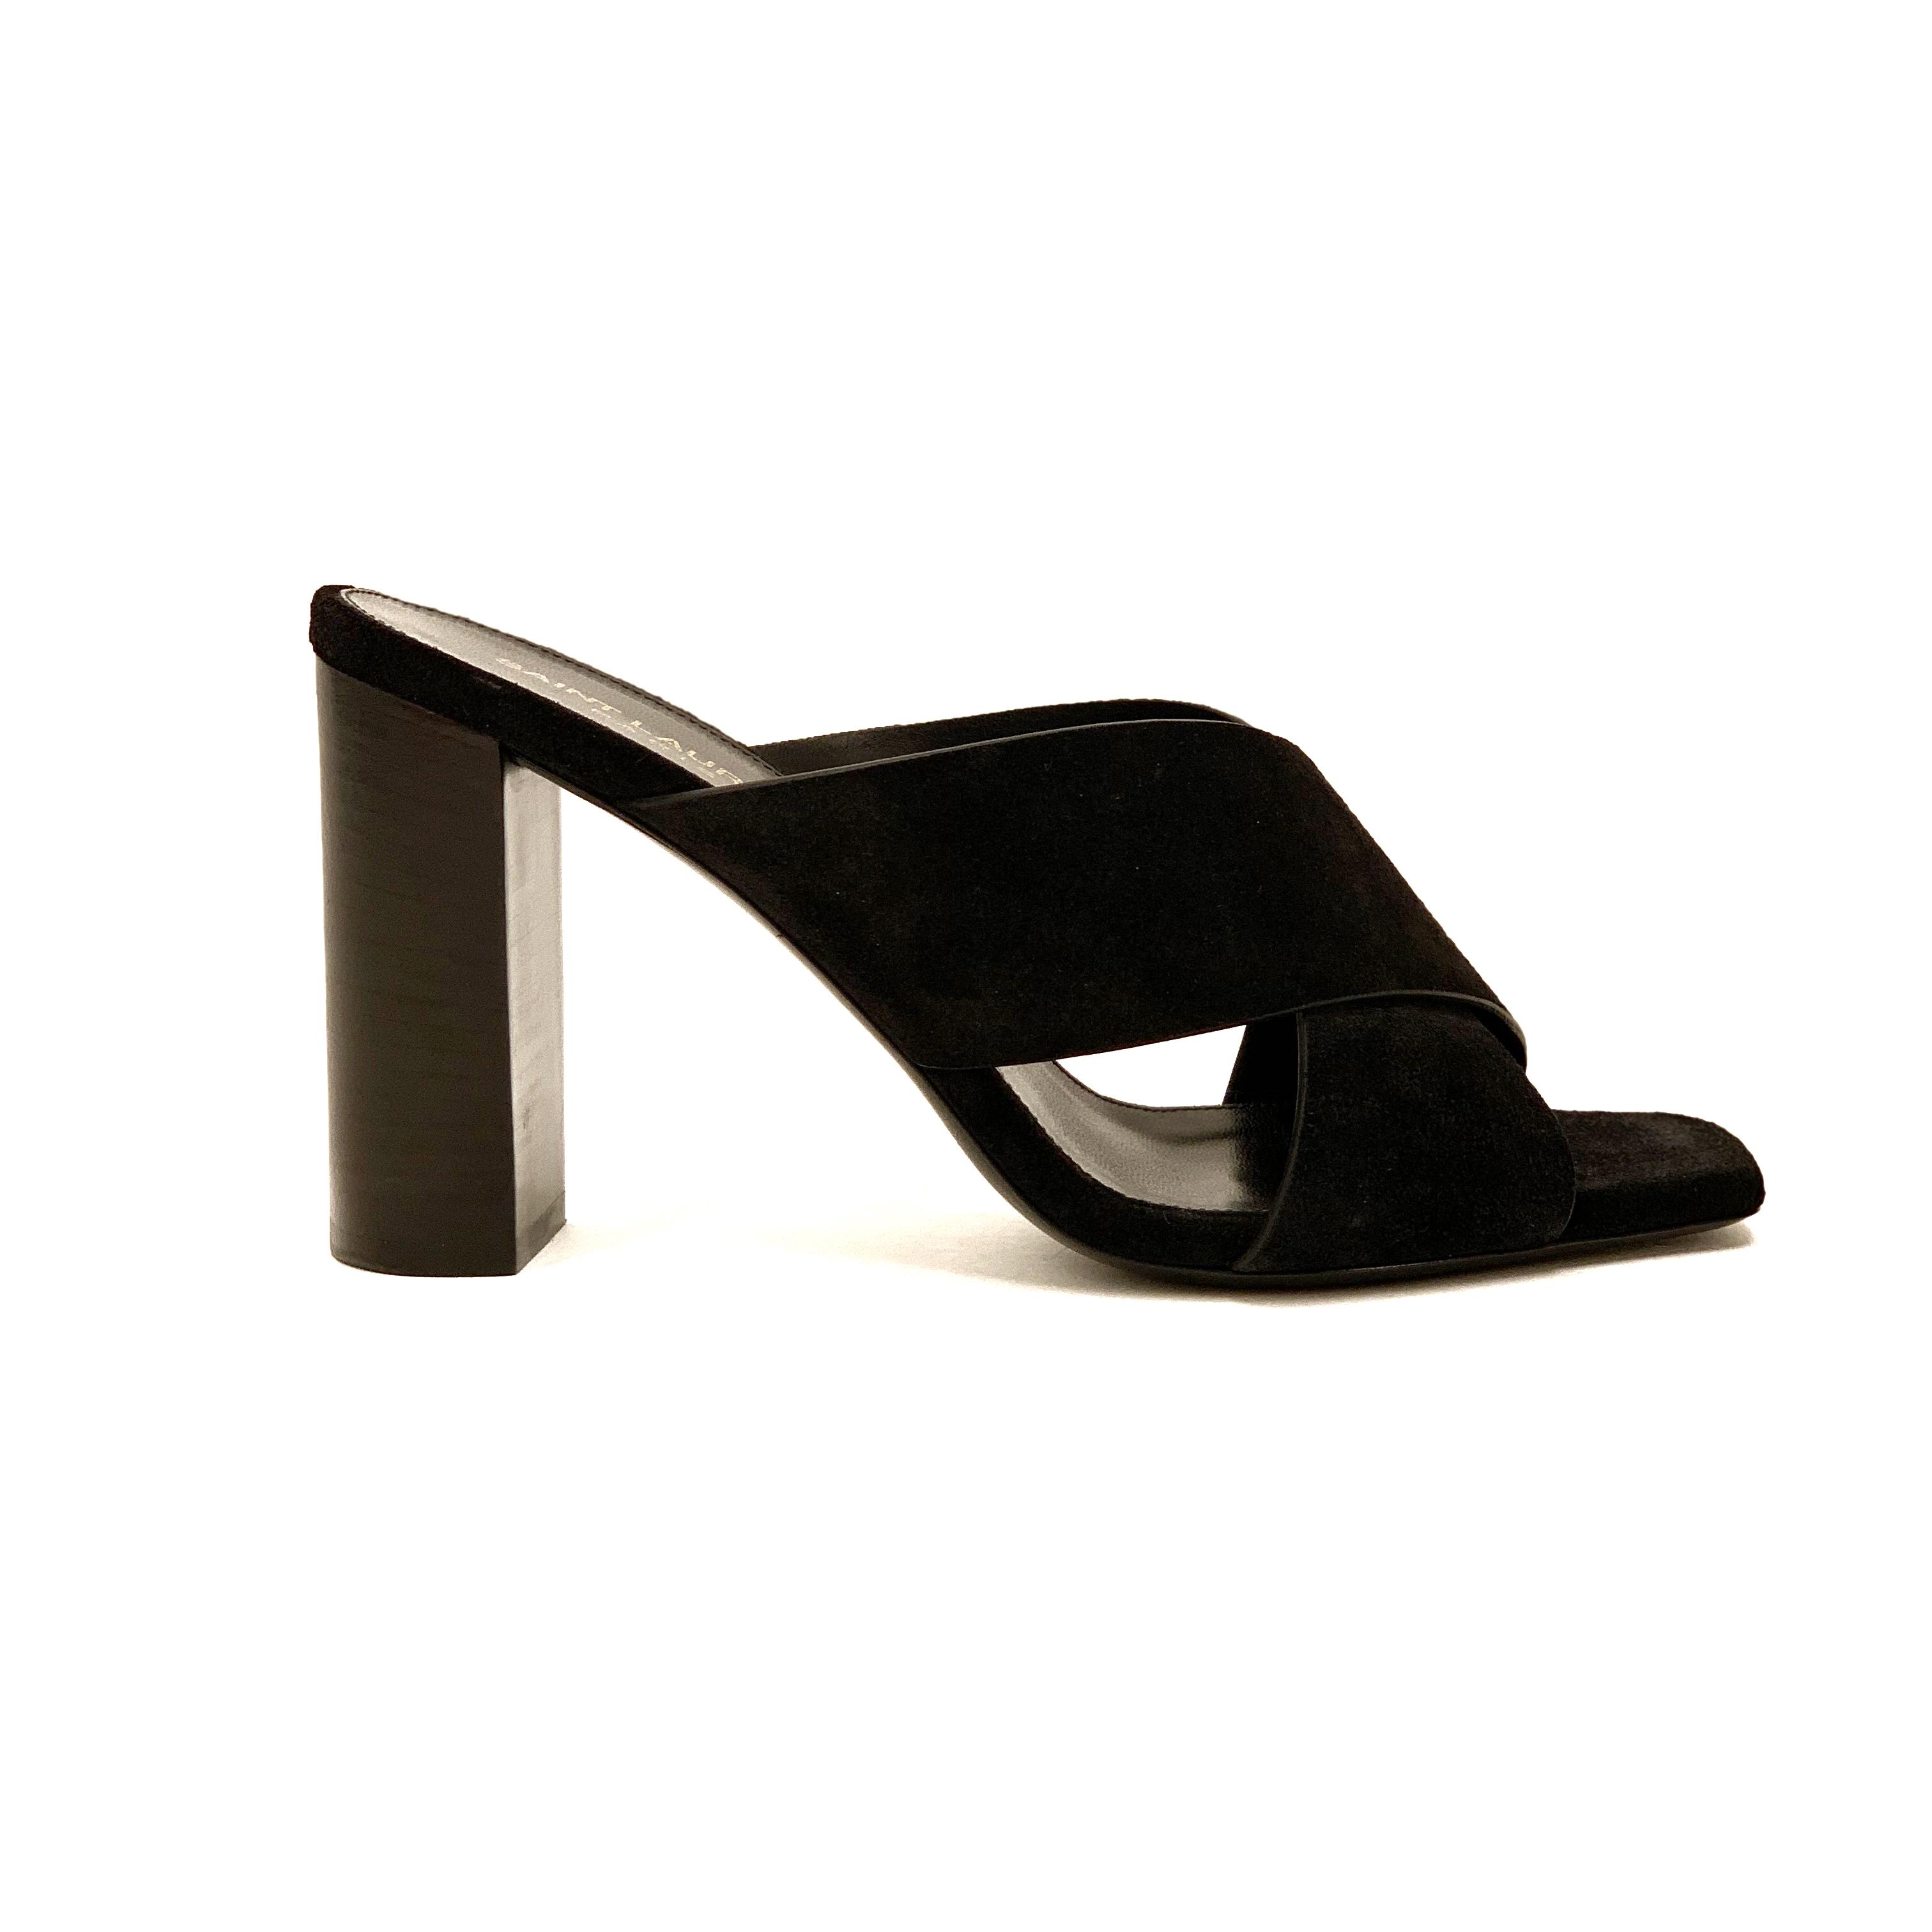 Saint Laurent slip in sandal 38 SV5203